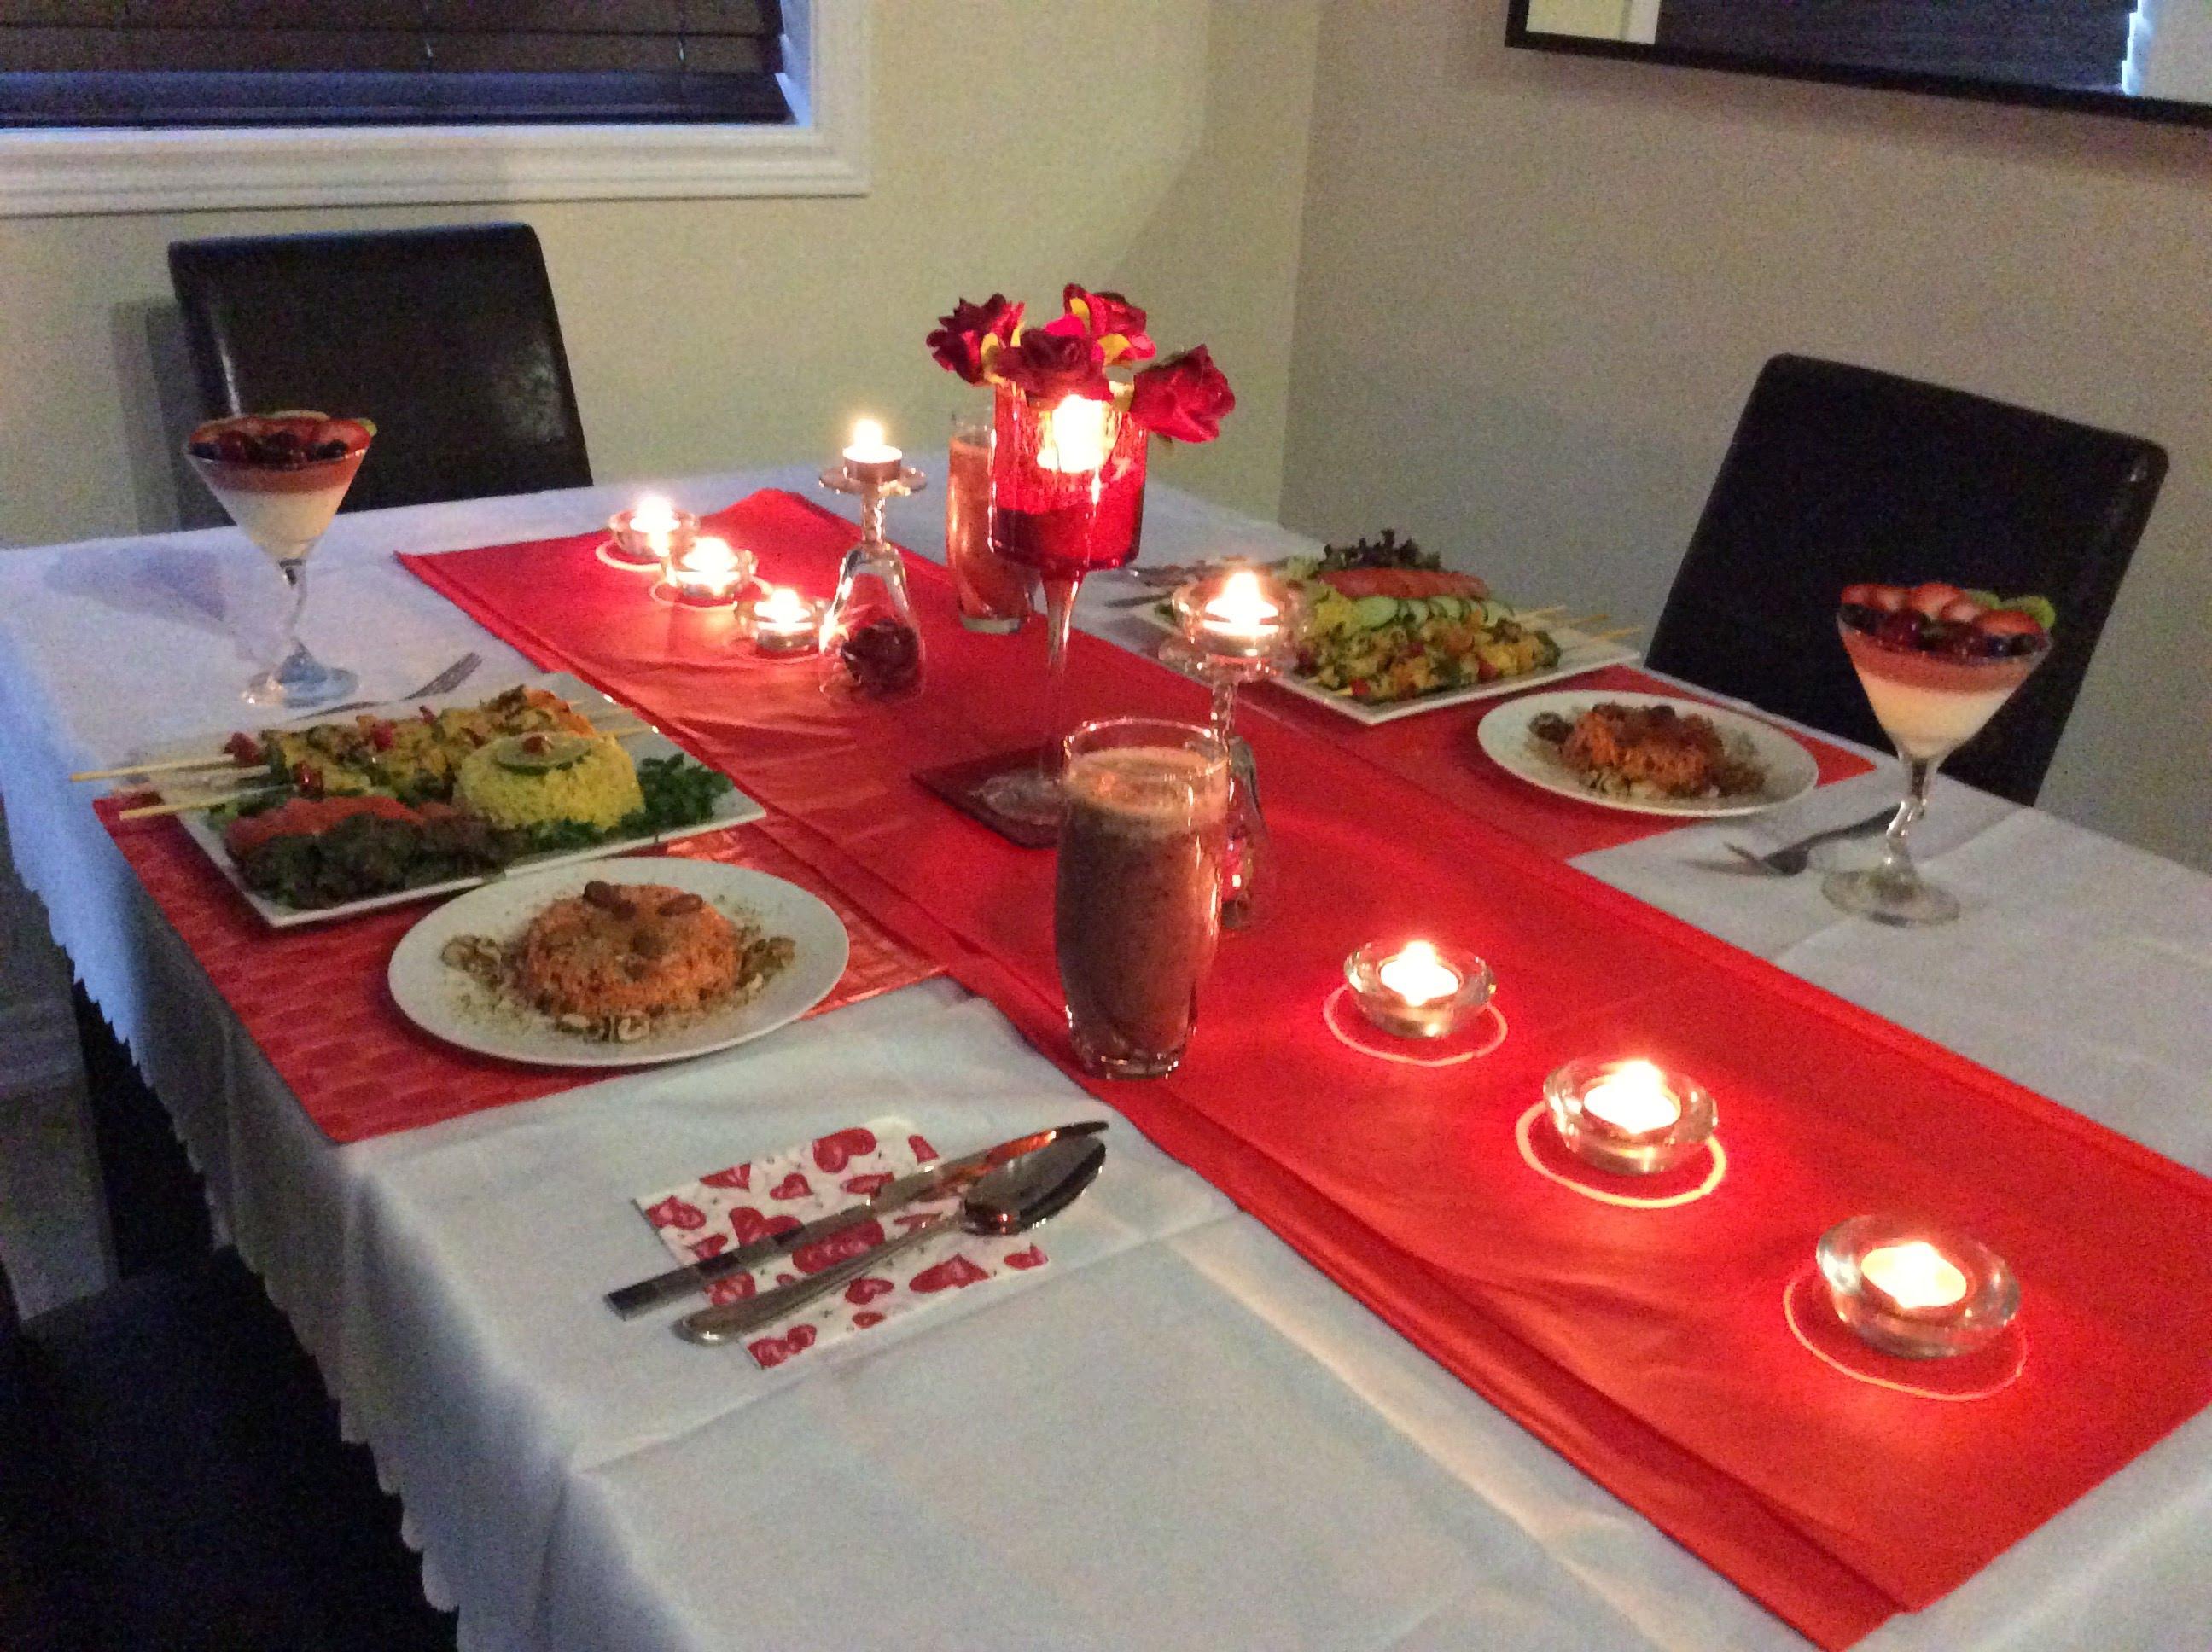 صورة افكار لعشاء رومانسي , خطوات لاكلات رومانسية